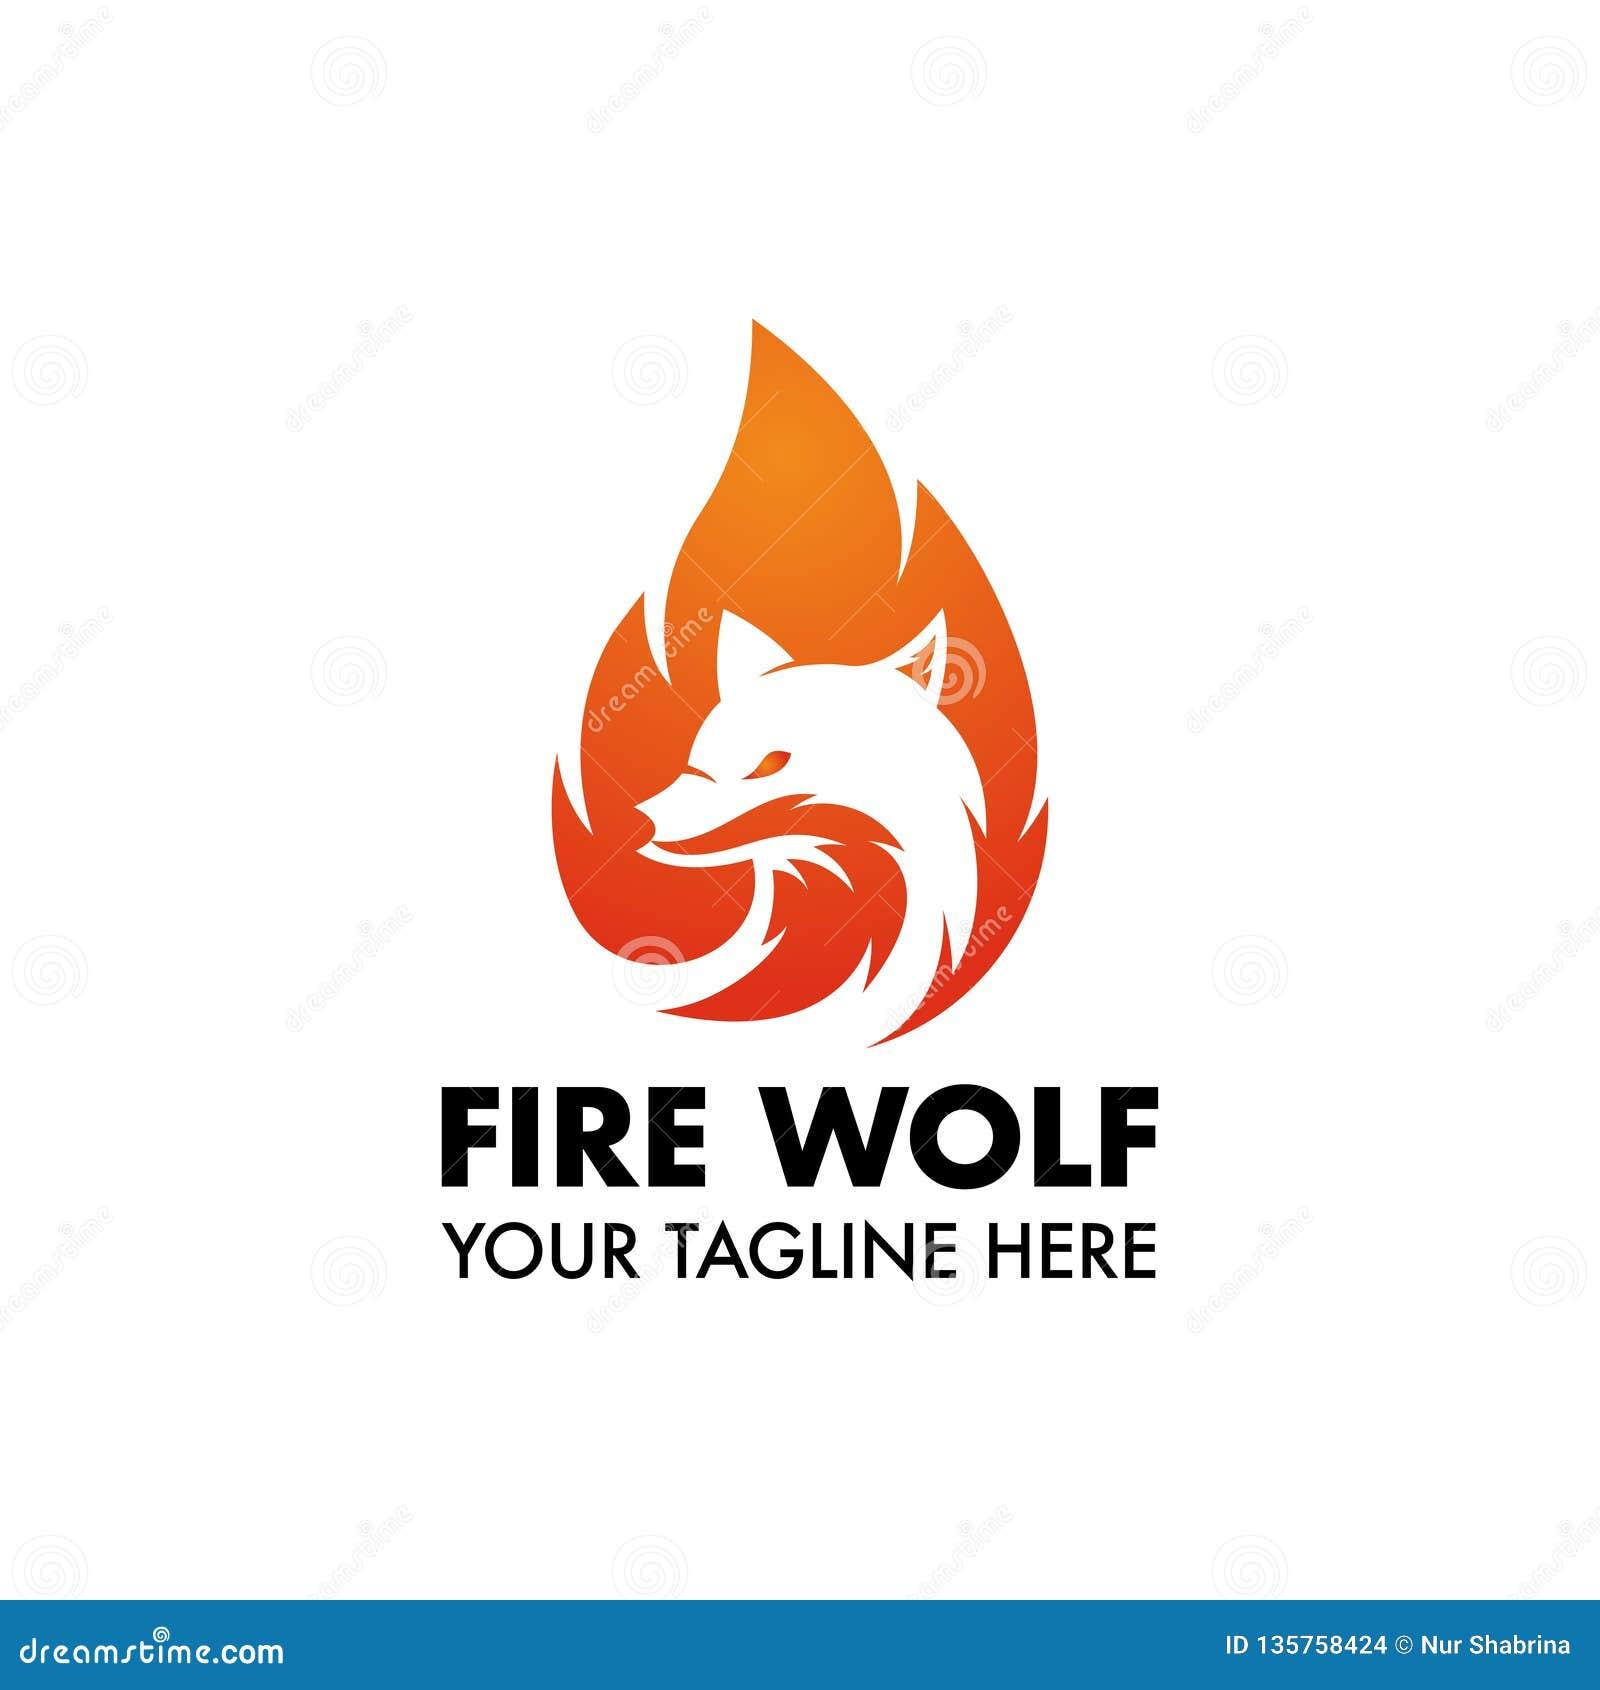 Μασκότ ή λογότυπο λύκων πυρκαγιάς για το σχέδιο ή την επιχείρησή σας